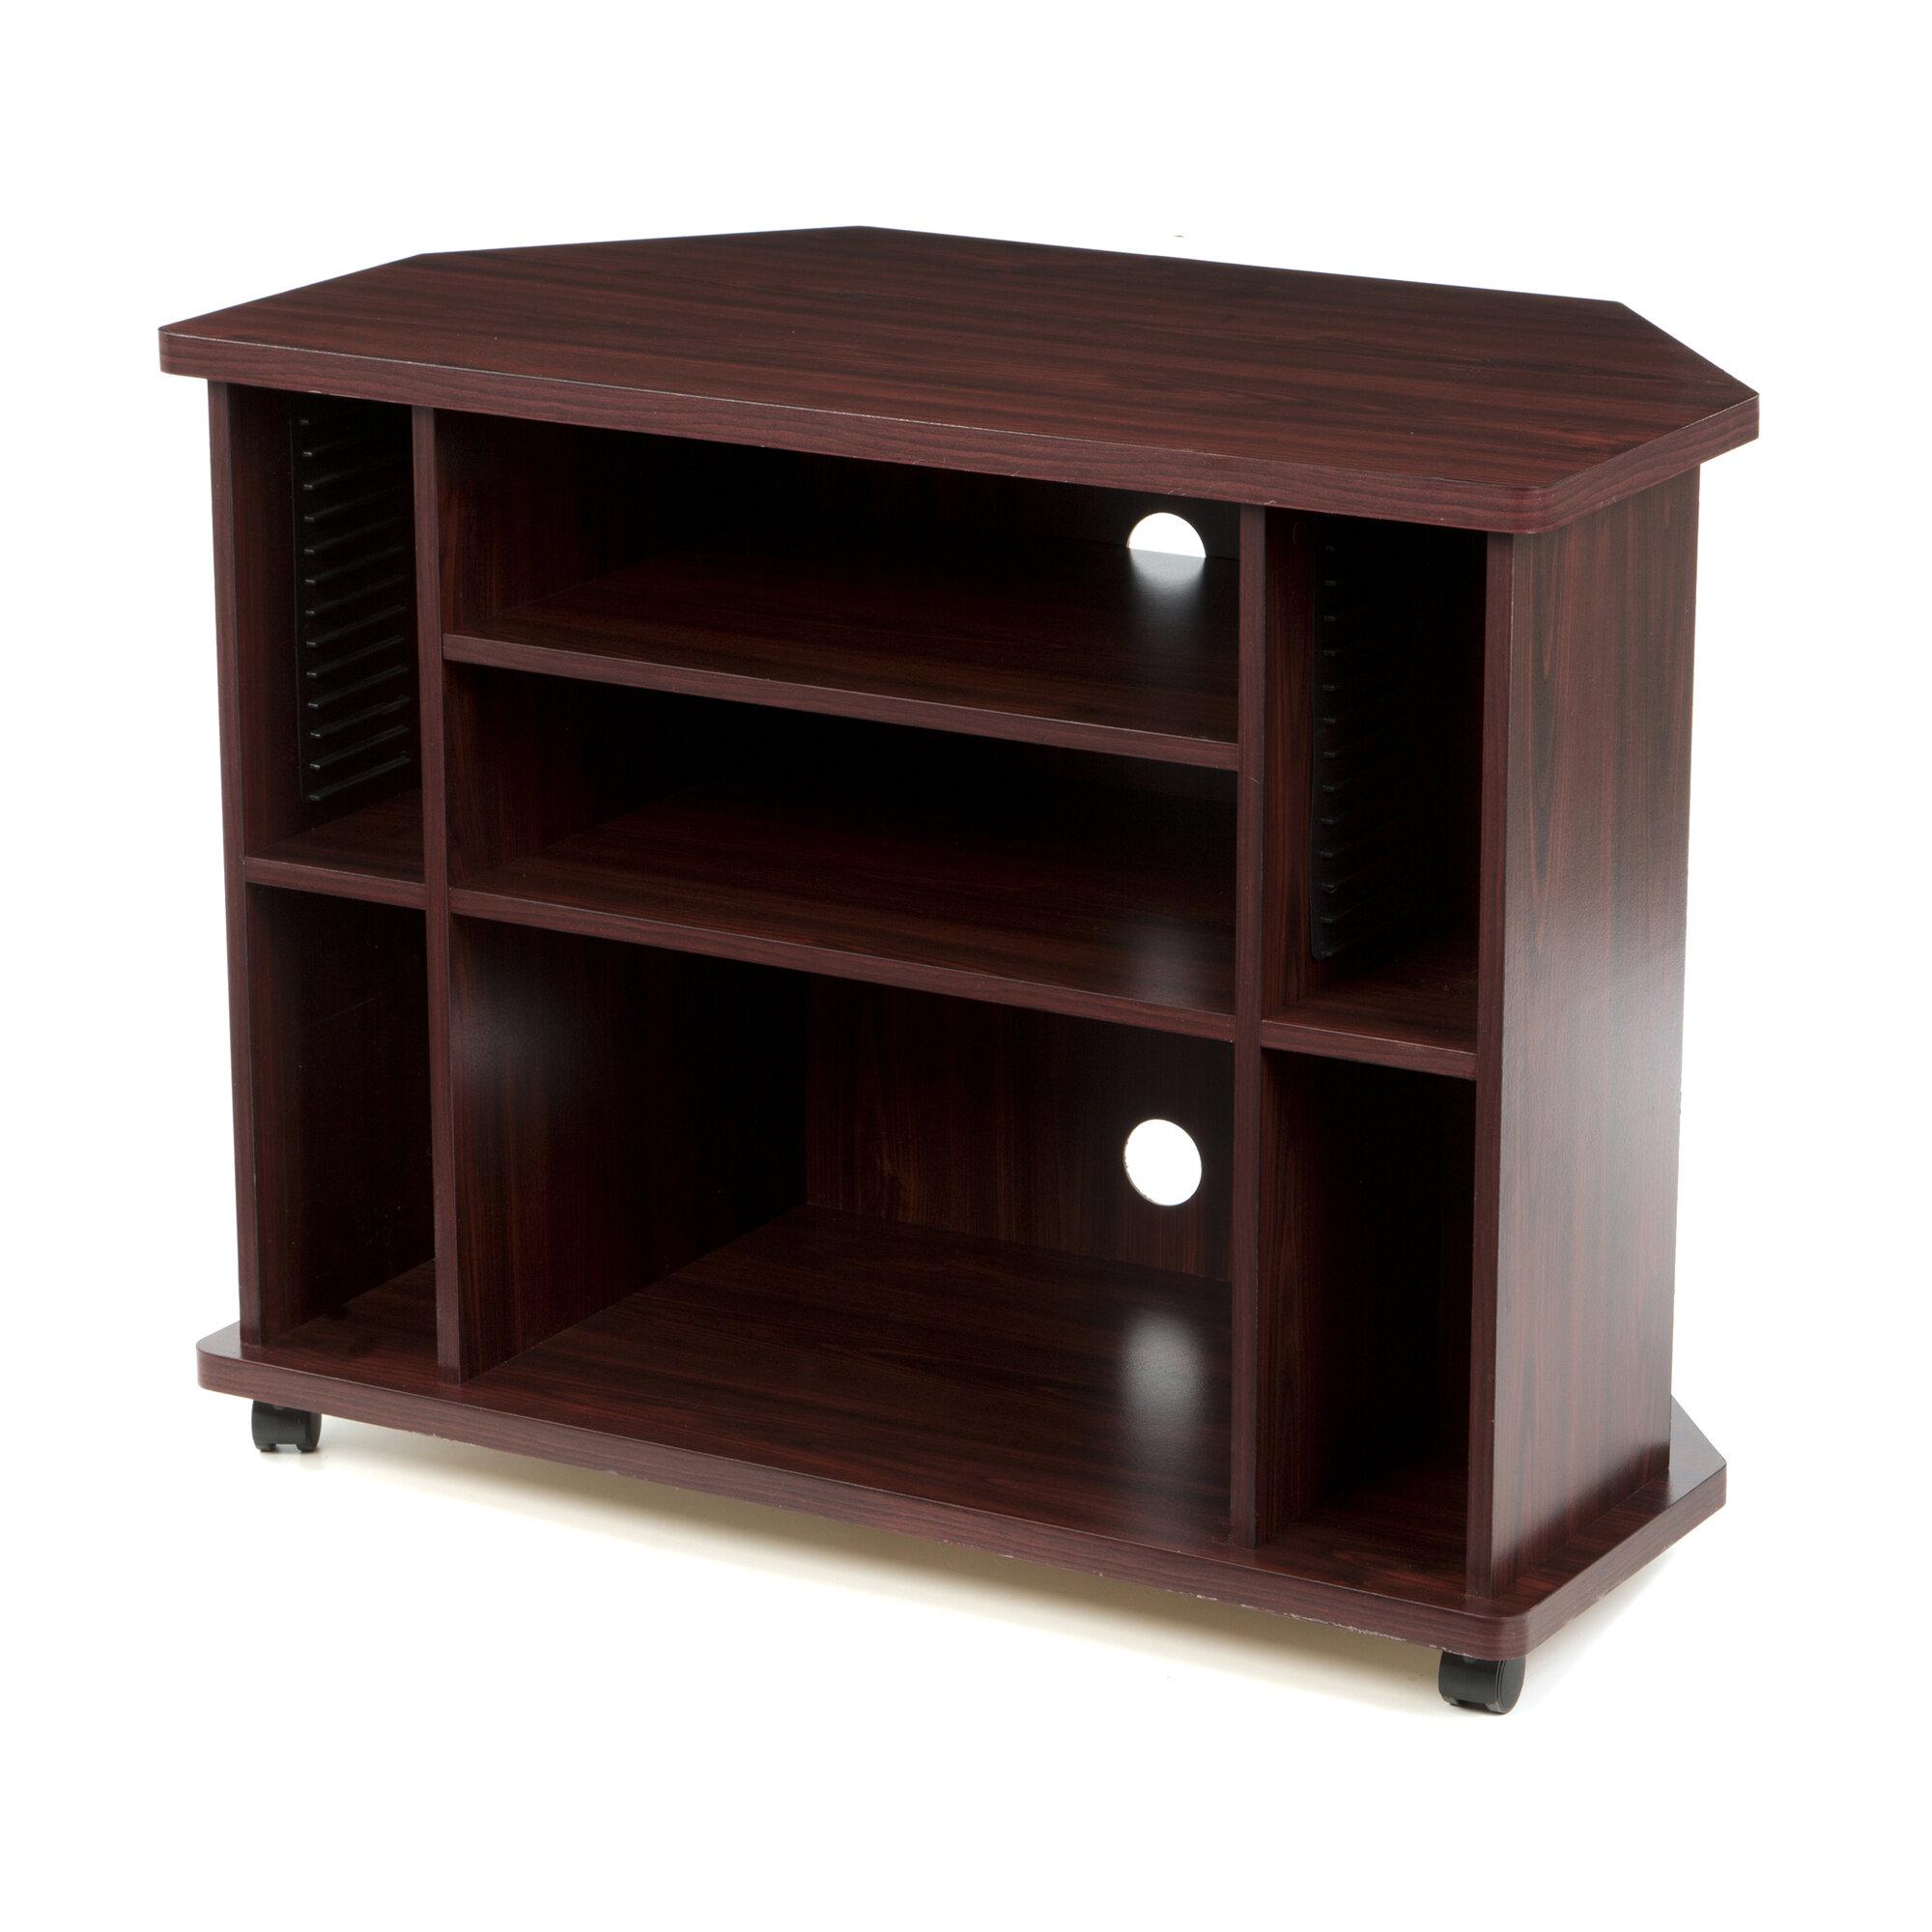 home source industries 35 034 corner tv stand ebay. Black Bedroom Furniture Sets. Home Design Ideas